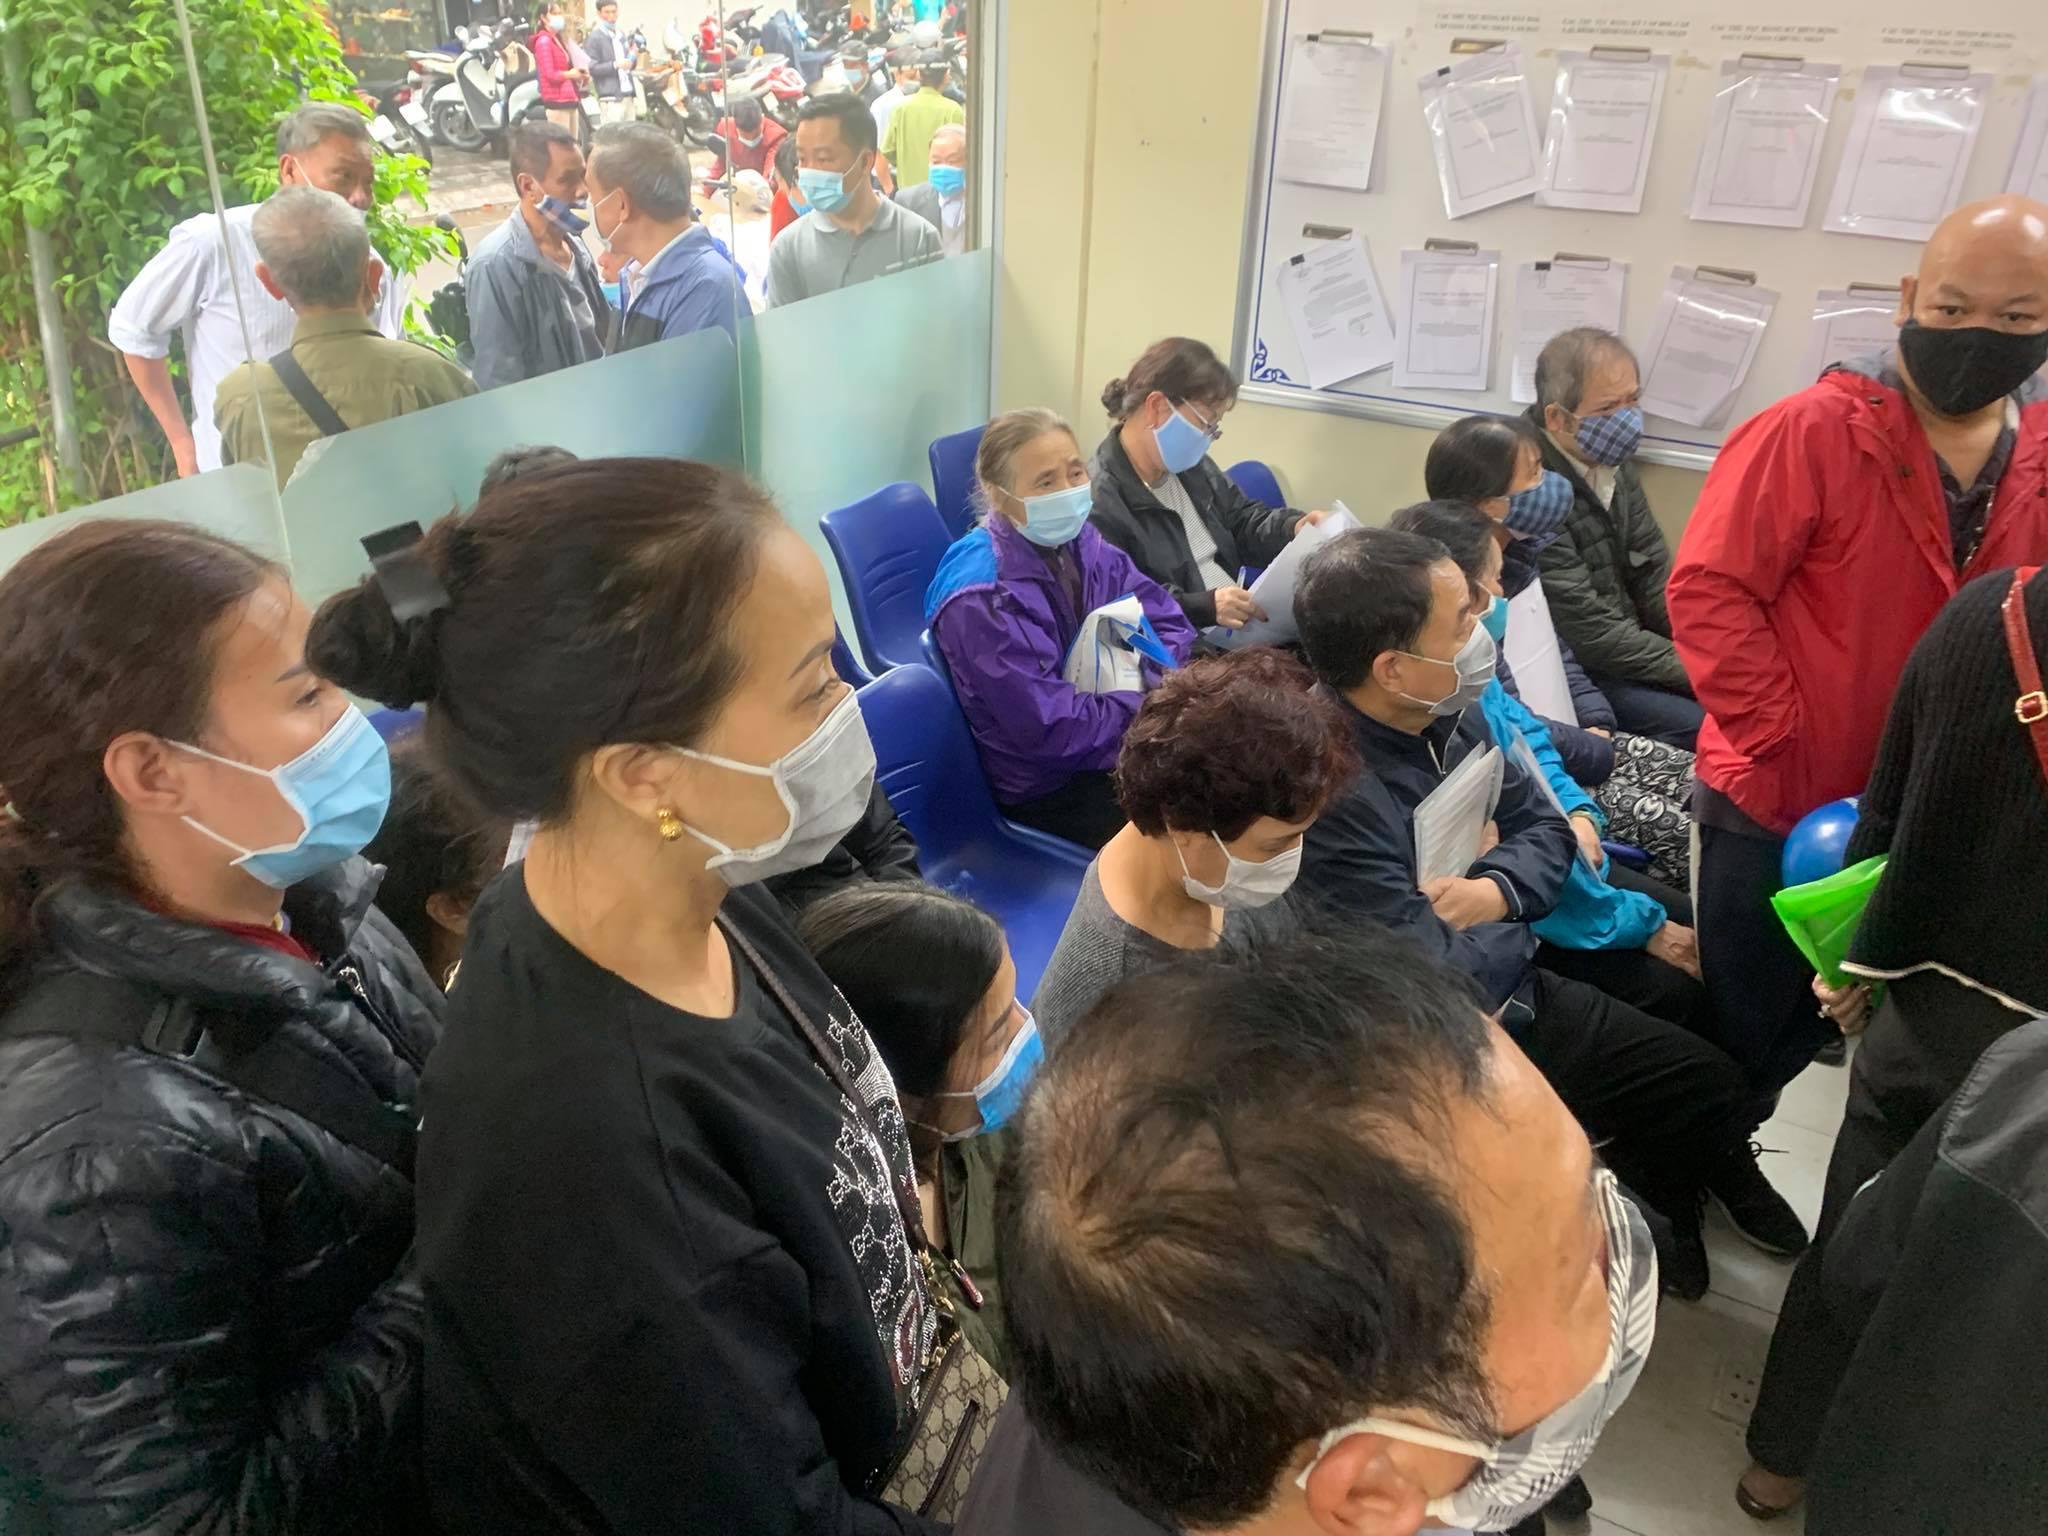 """Chùm ảnh: Người dân thủ đô Hà Nội """"ùn ùn"""" đi trả nợ tiền sử dụng đất trước ngày 1/3 - Ảnh 7."""